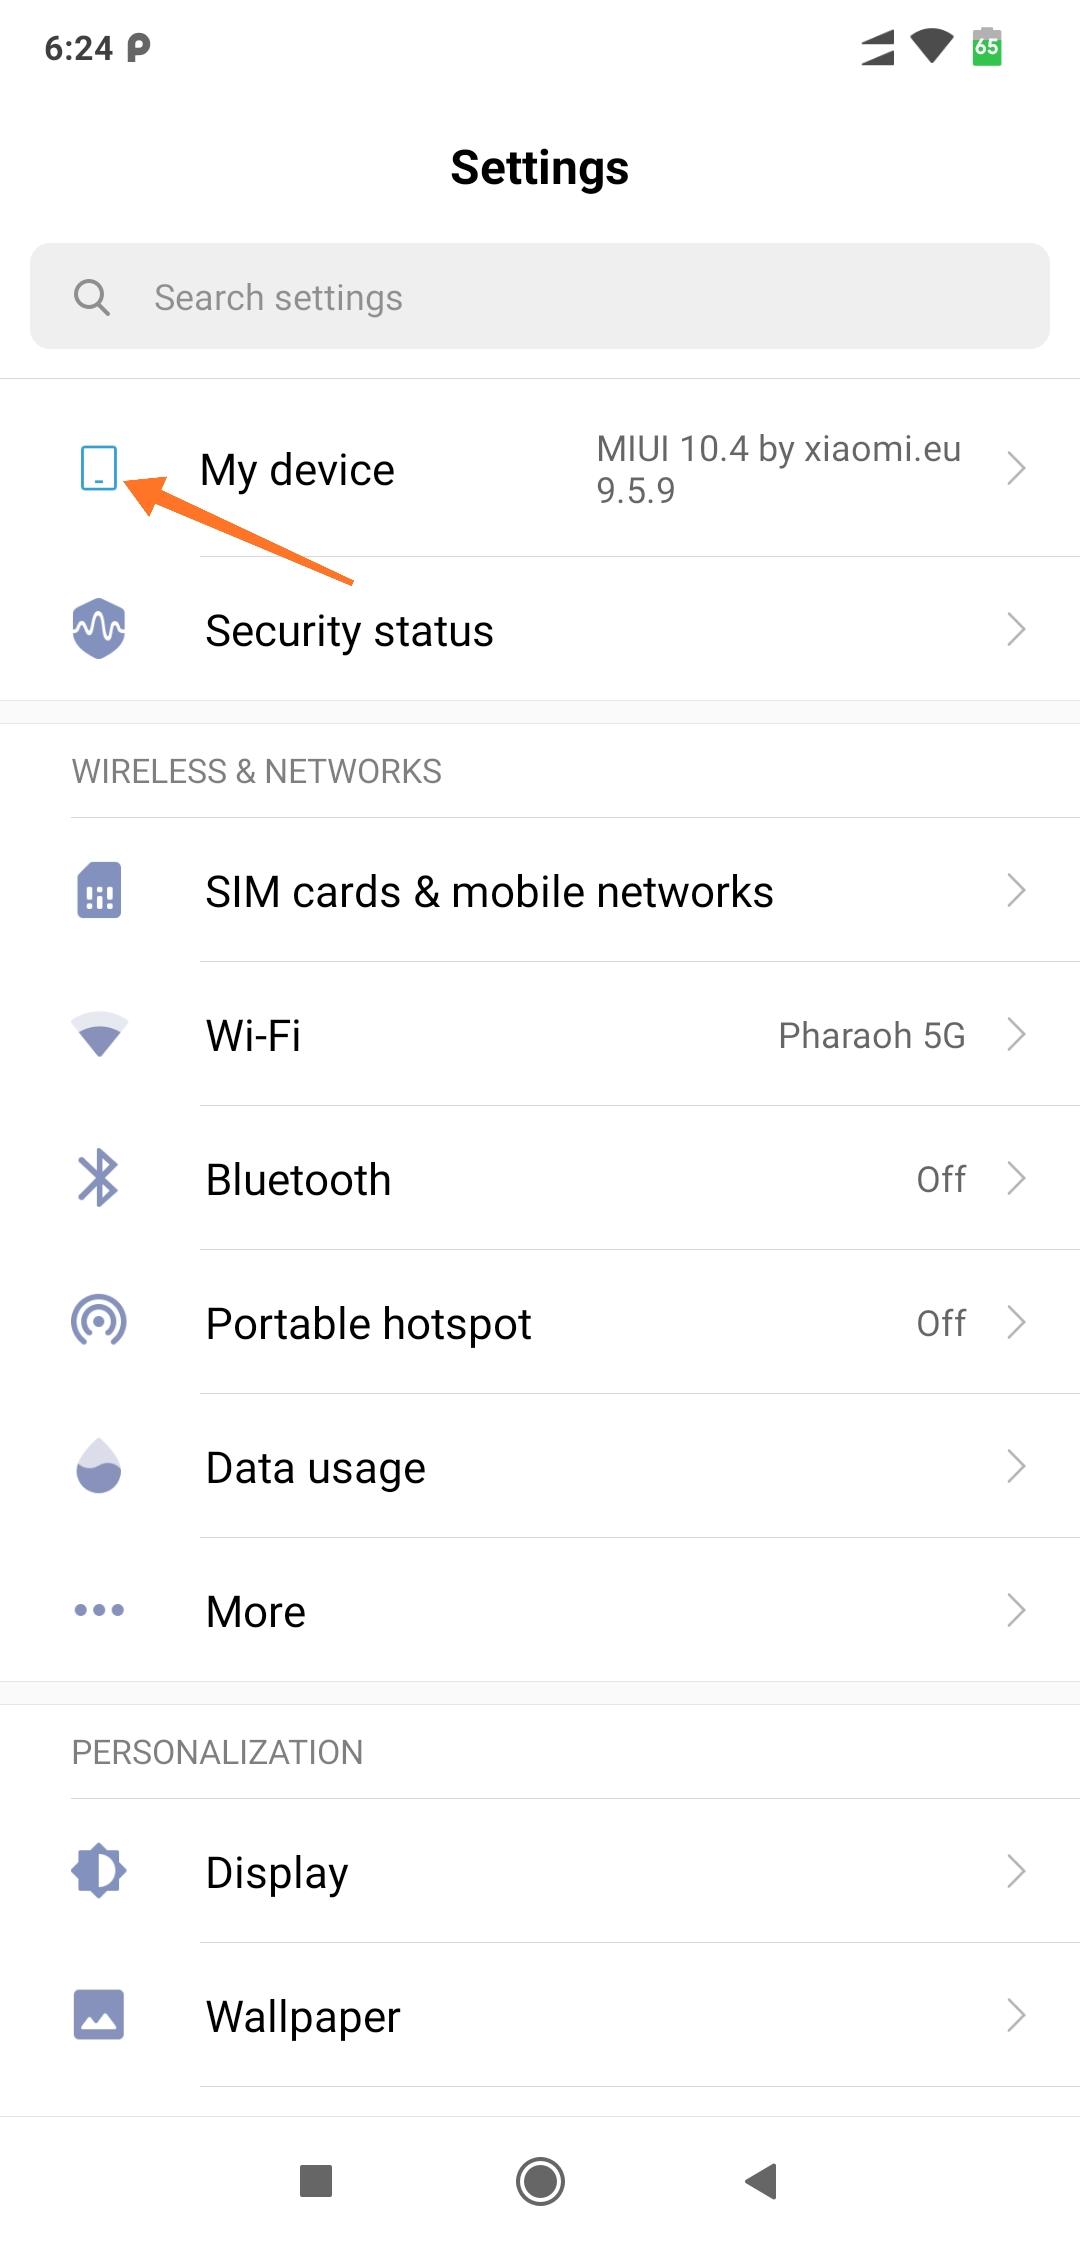 MIUI 10 4 - 9 5 9 | Xiaomi European Community